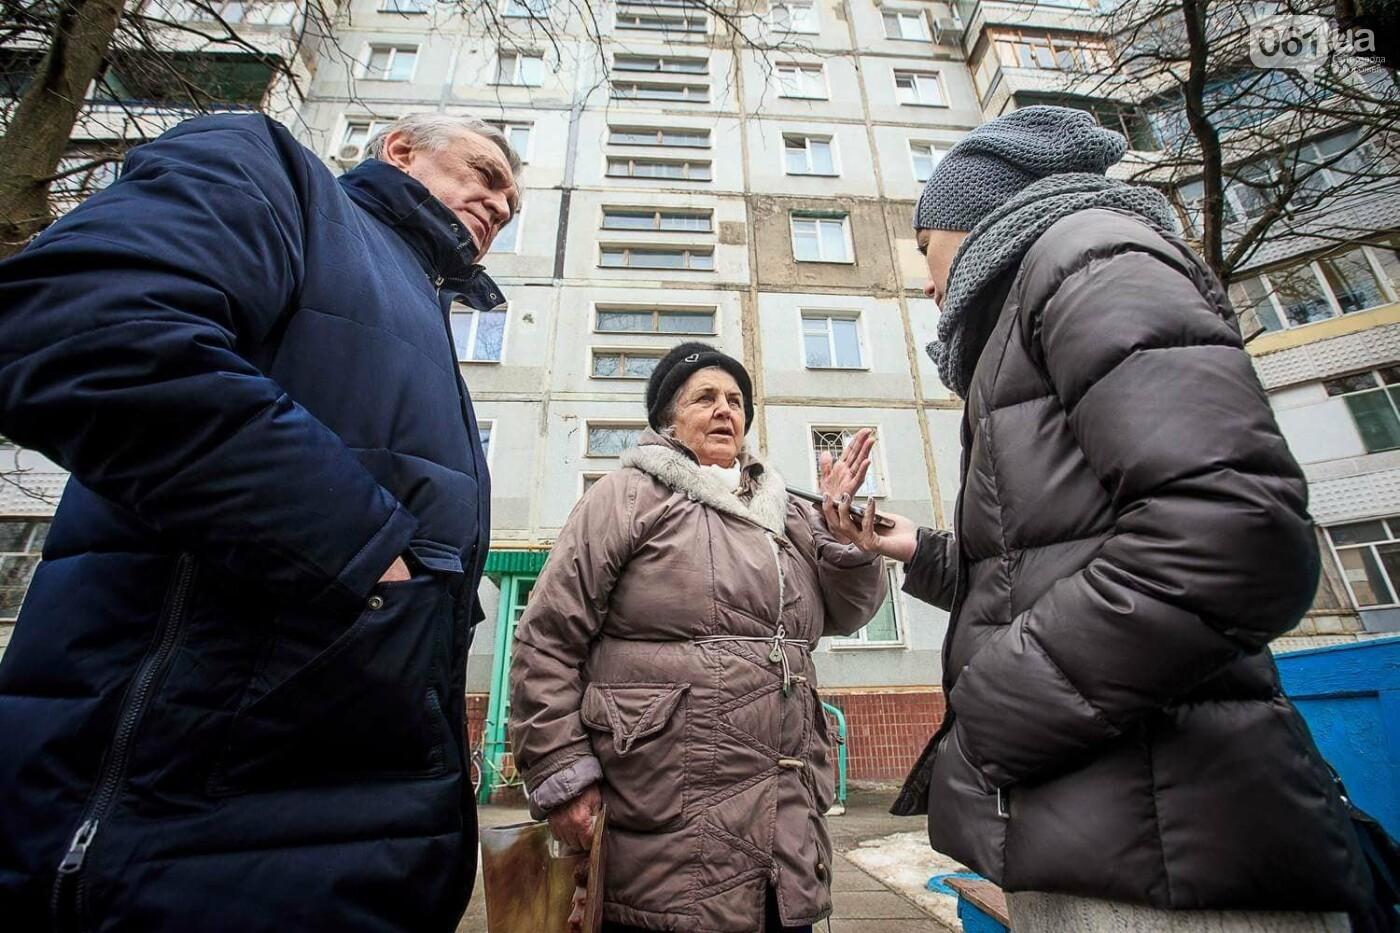 Сам себе хозяин: как запорожские ОСМД занимаются энергосбережением и значительно экономят на тарифах, — ФОТО, фото-50